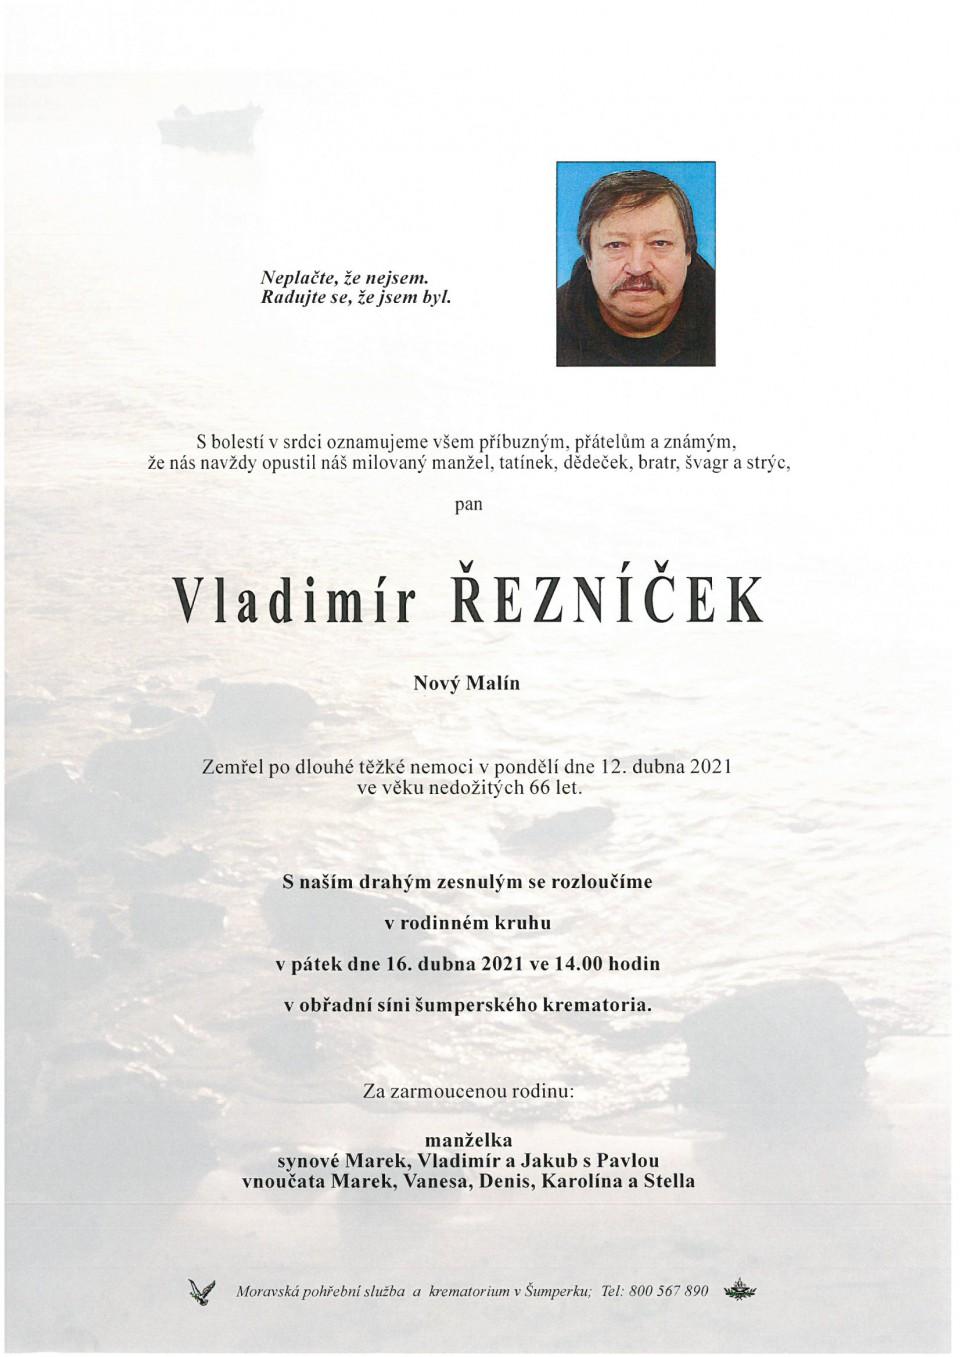 Vladimír Řezníček.jpg